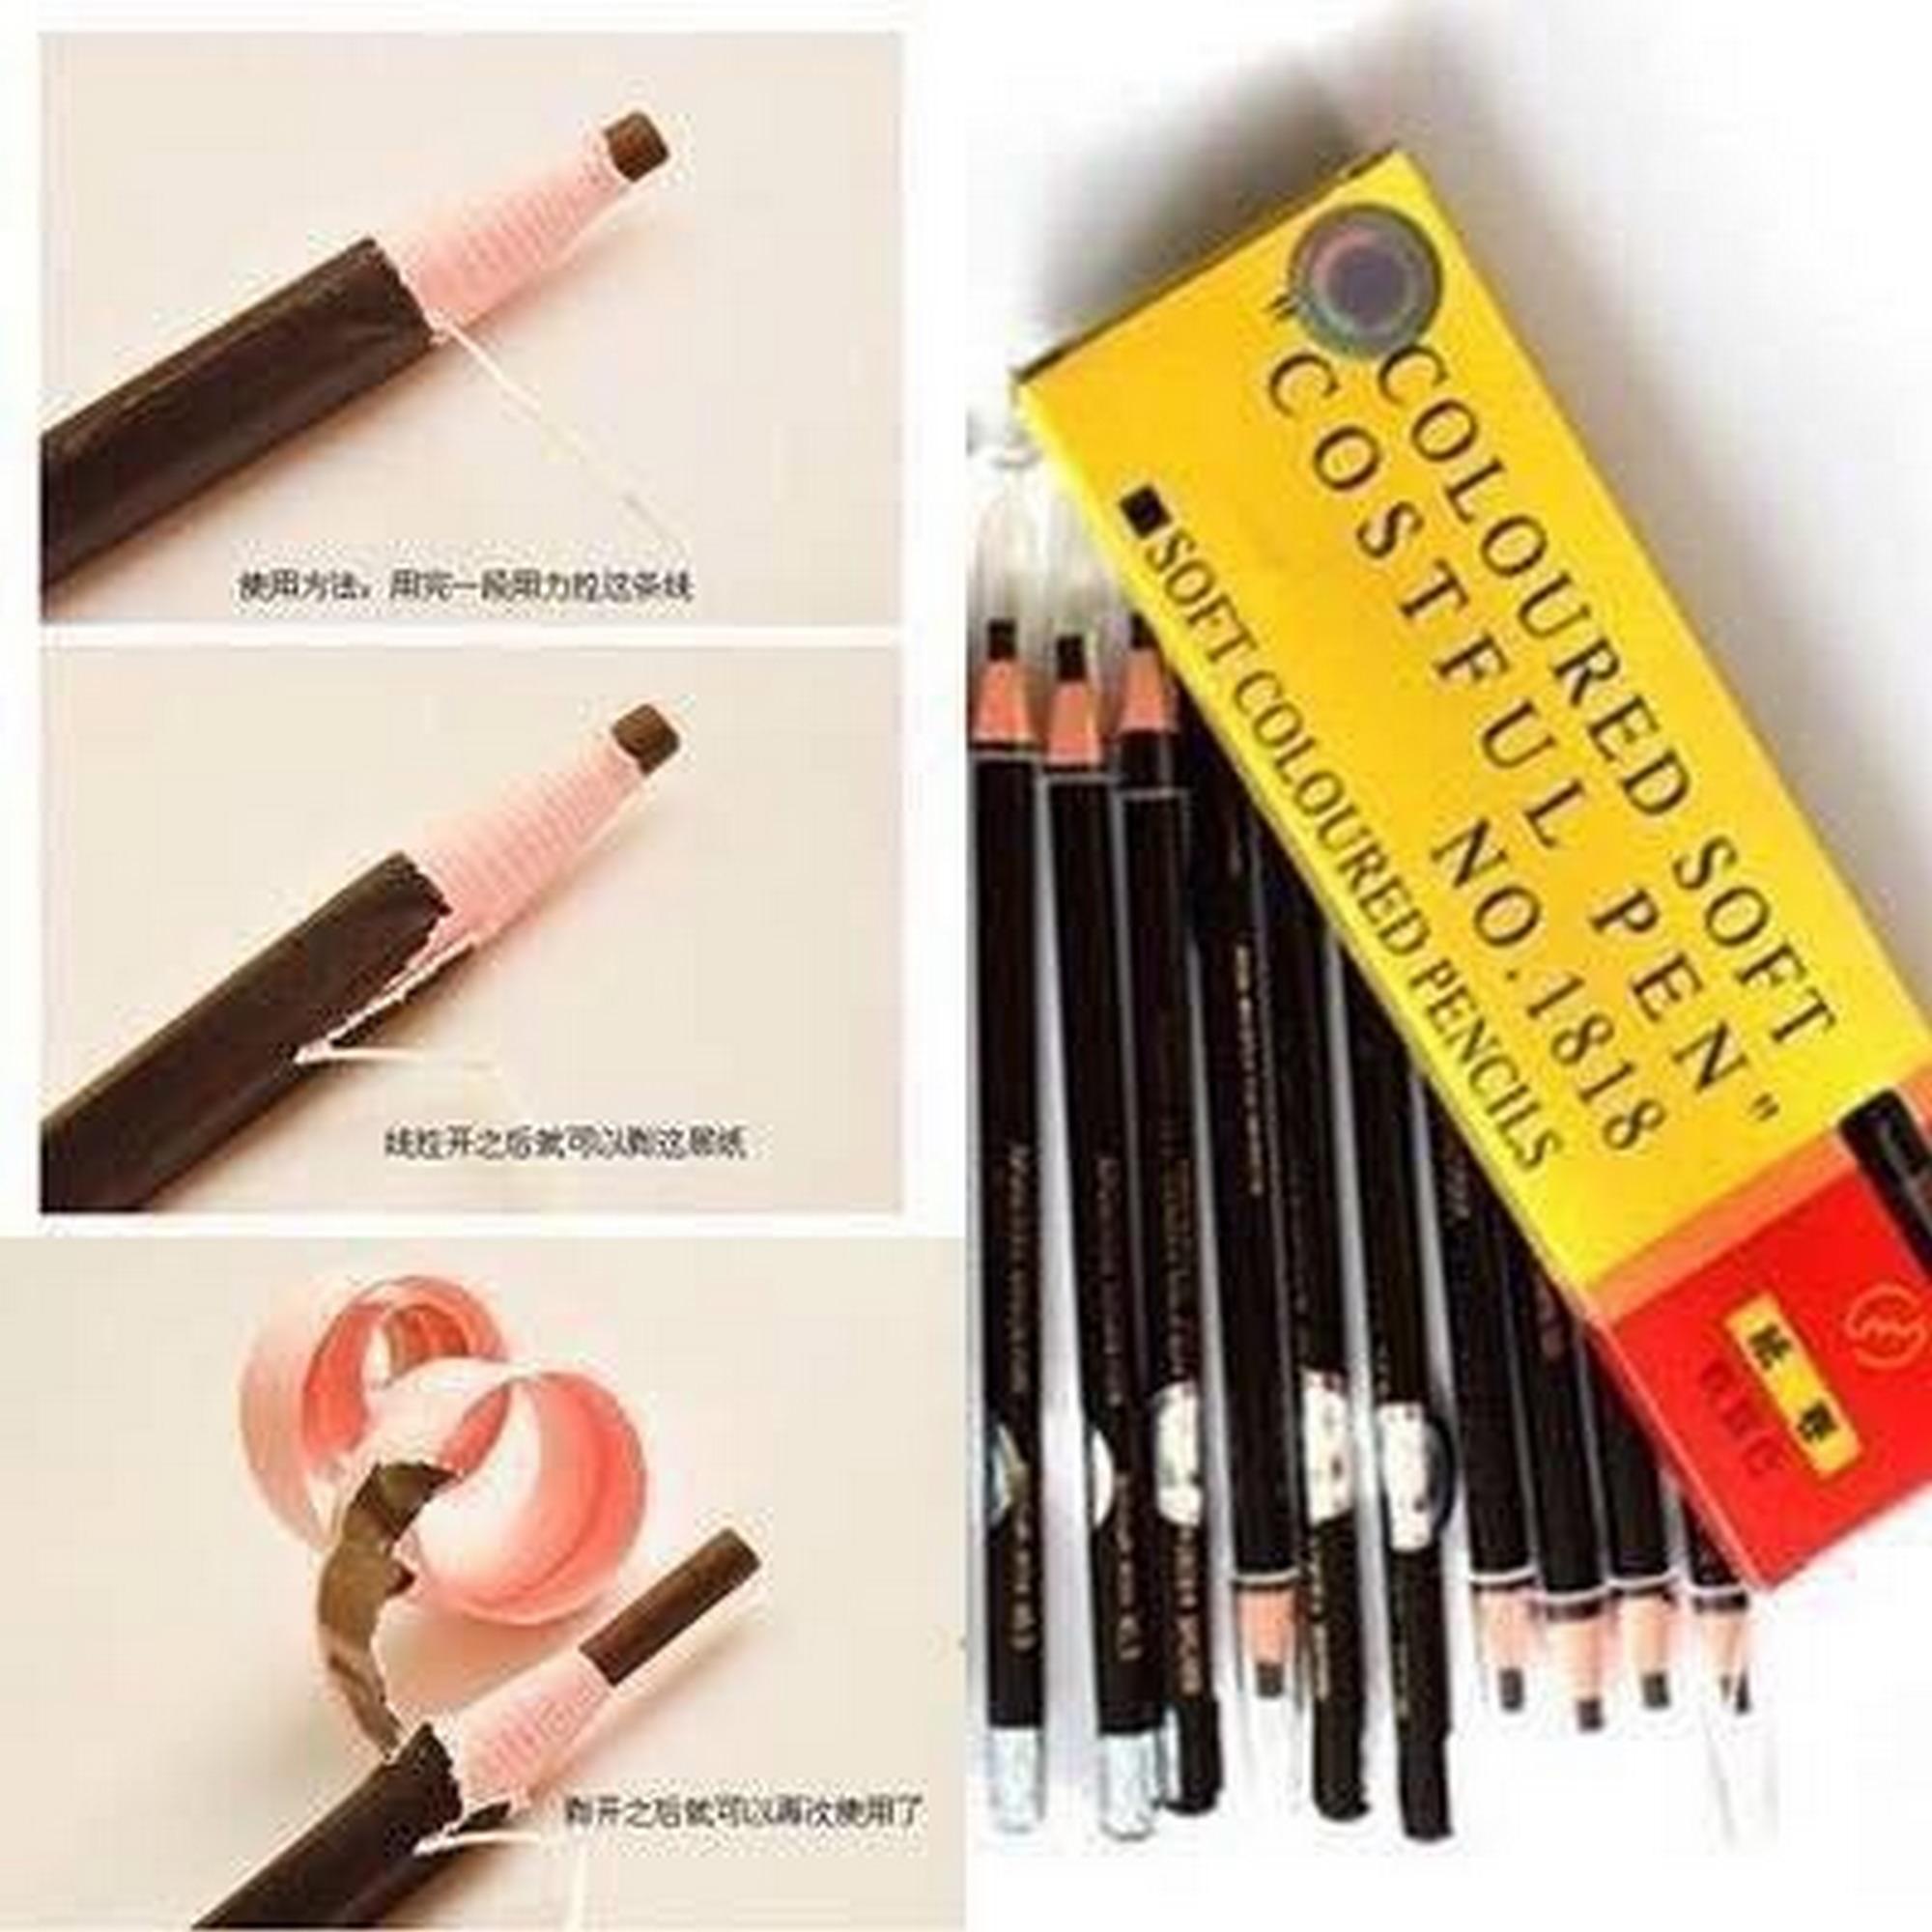 [Hộp 12 cây] Chì xé kẻ mày Coloured Soft Cosmetic Art No.1818 Chì Bóc nội địa Trung  NCC SHOPTIDO tốt nhất